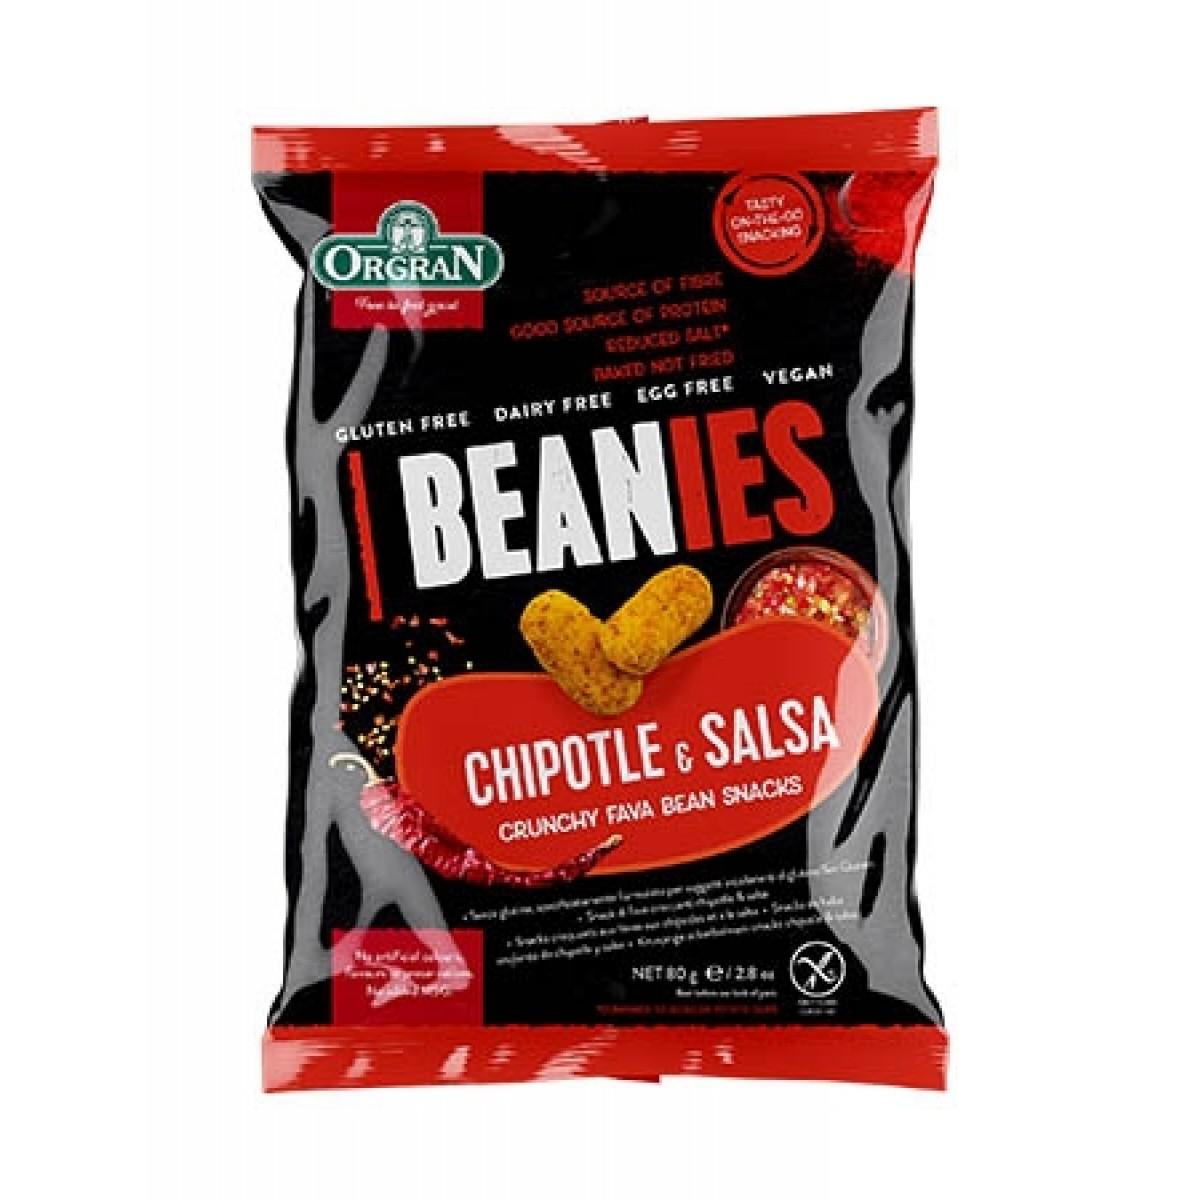 Beanies Chipotle & Salsa